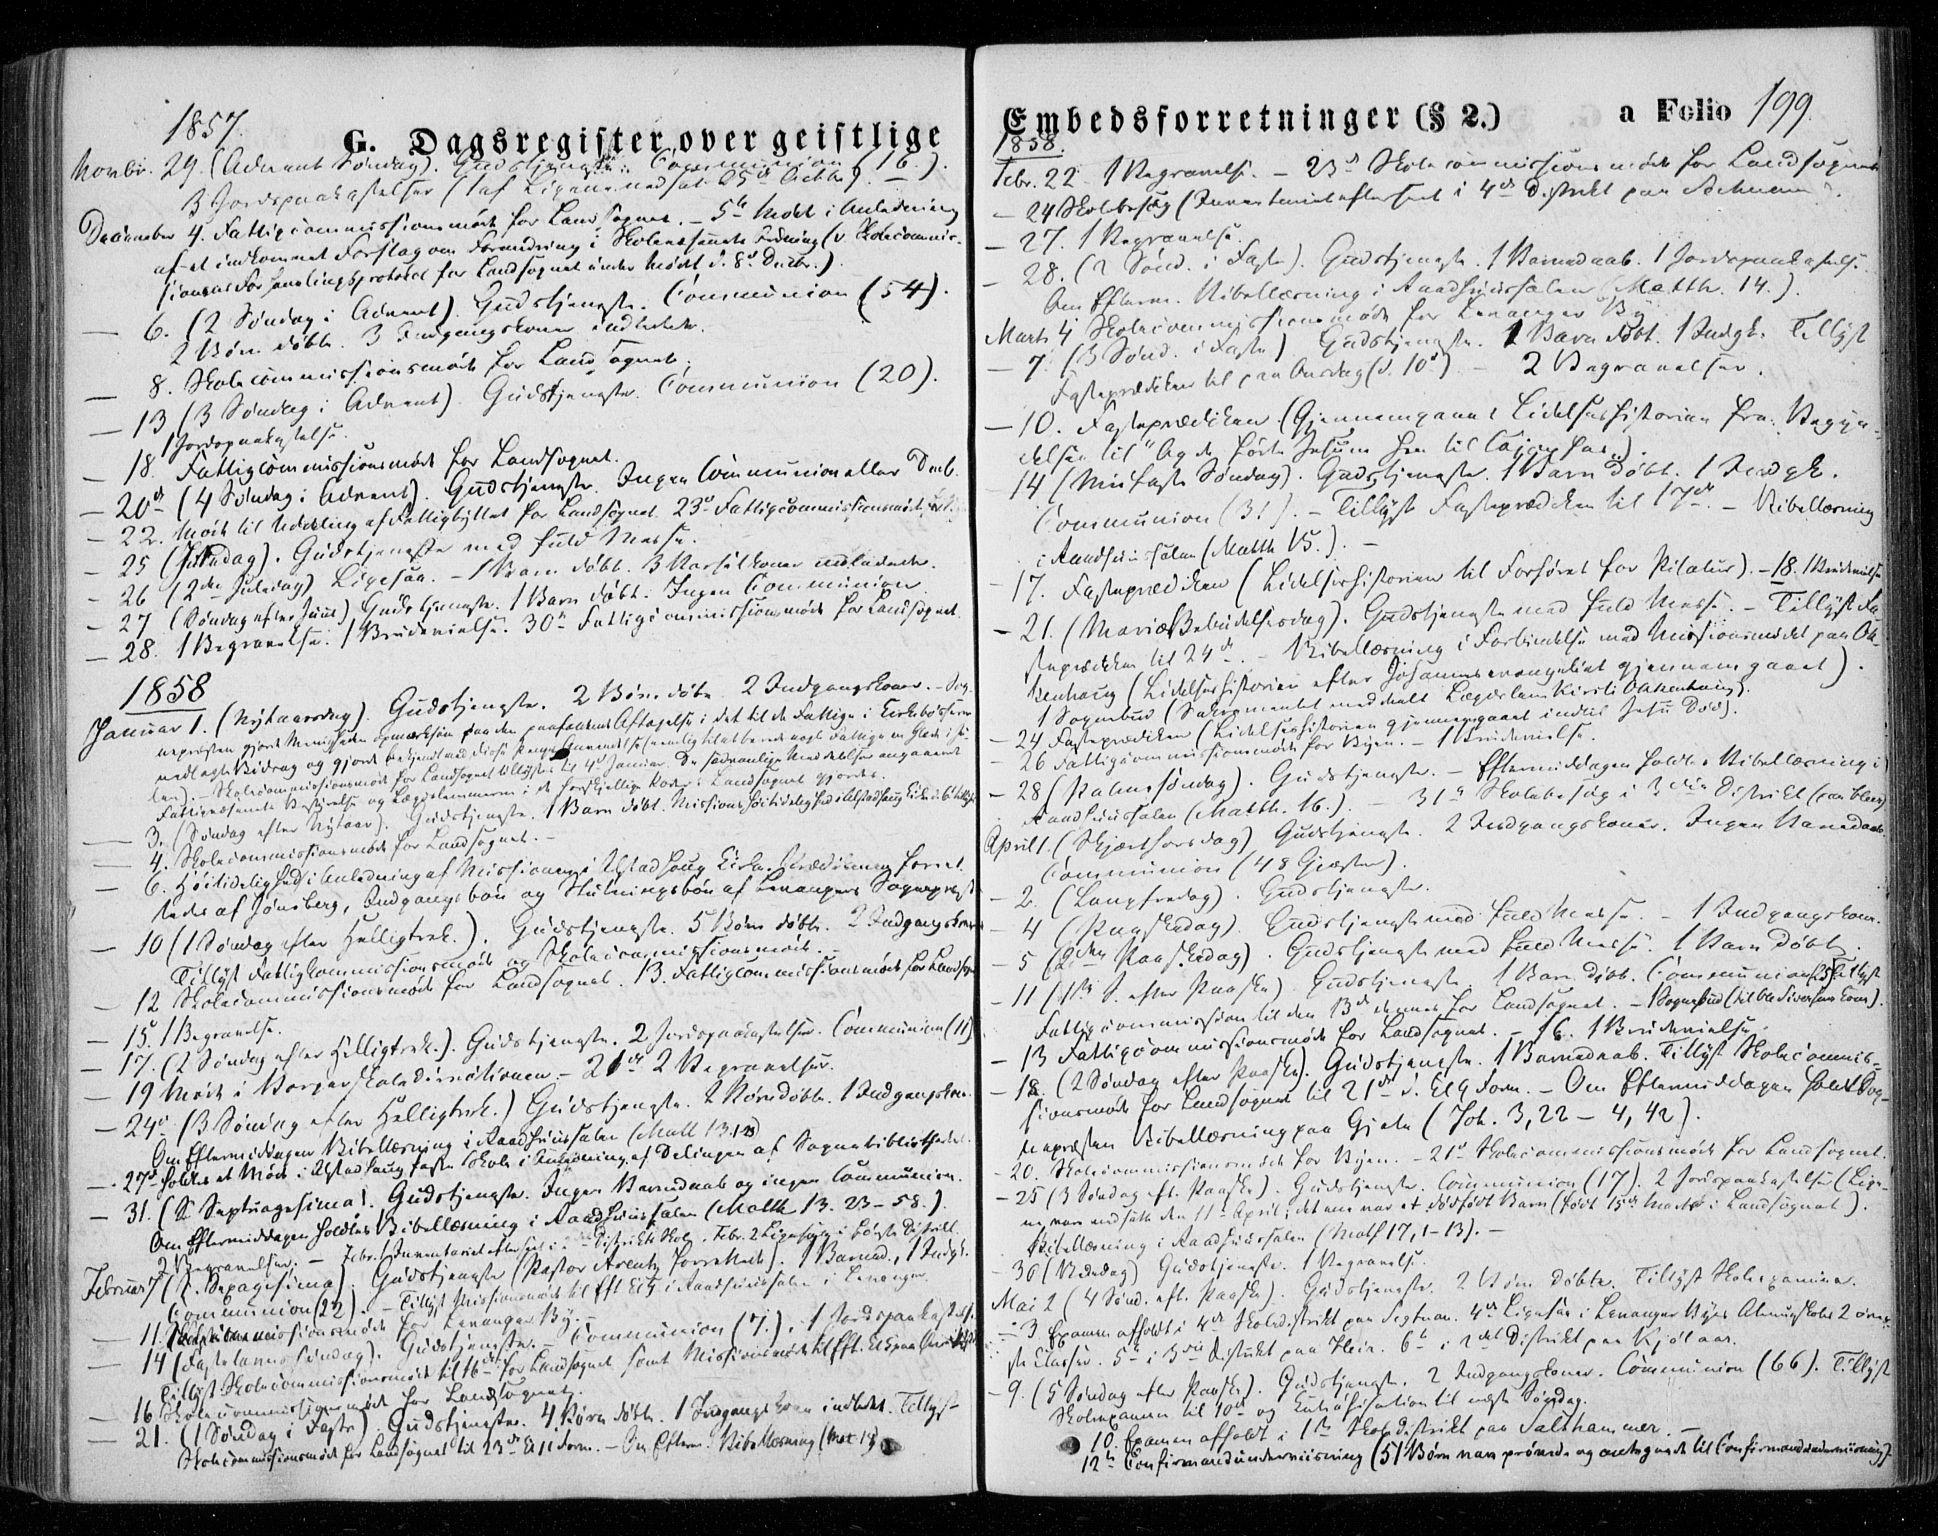 SAT, Ministerialprotokoller, klokkerbøker og fødselsregistre - Nord-Trøndelag, 720/L0184: Ministerialbok nr. 720A02 /1, 1855-1863, s. 199